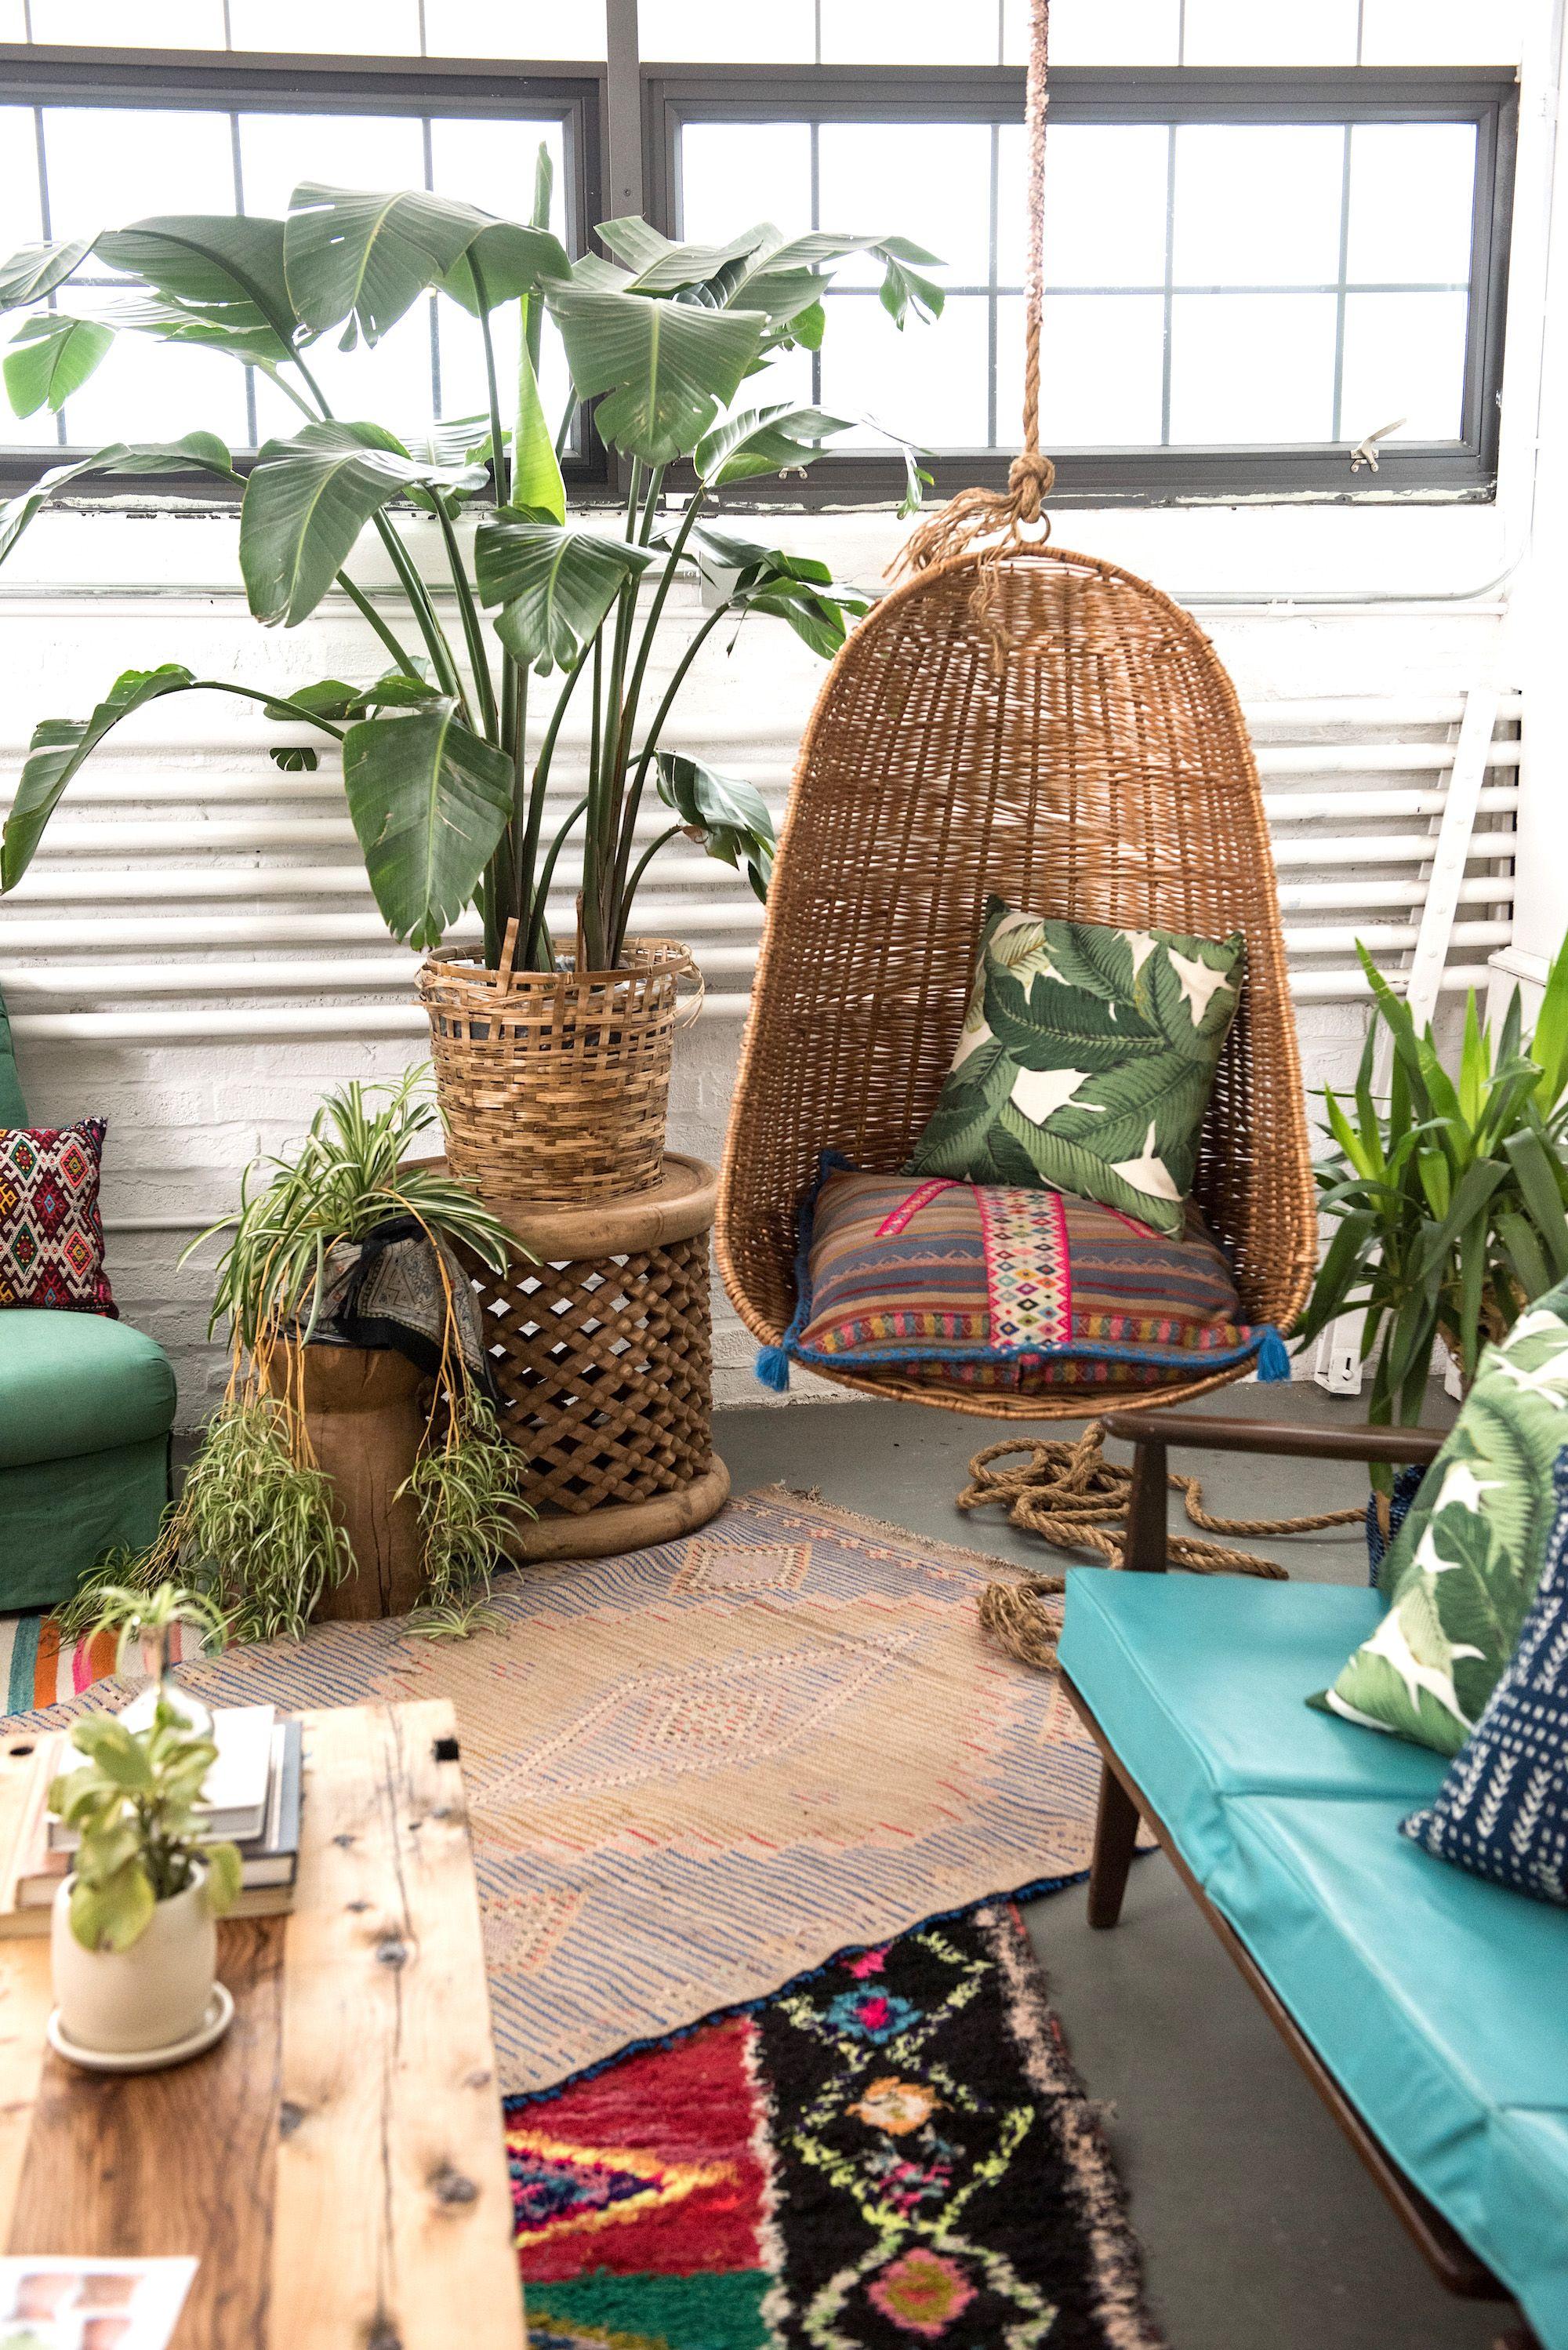 ambiance vintage et bucolique avec fauteuil suspendu canap et plantes vertes vintage. Black Bedroom Furniture Sets. Home Design Ideas